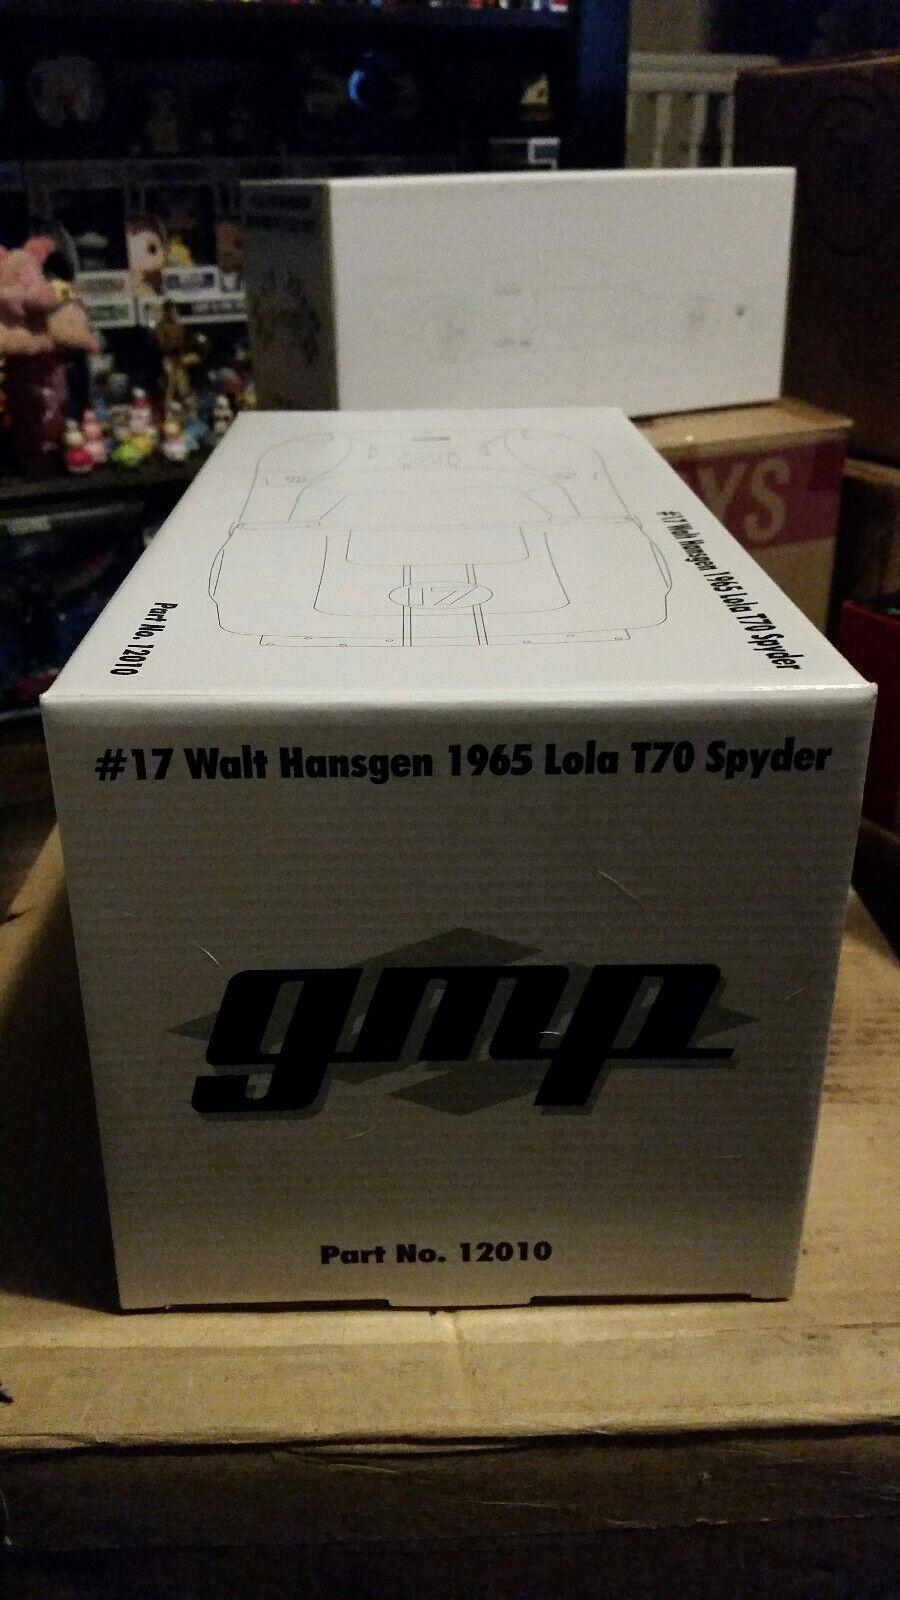 comprar ahora GMP  17 Walt Hansgen 1965 Lola Lola Lola T70 Spyder Diecast Menta en caja  12010  grandes ahorros